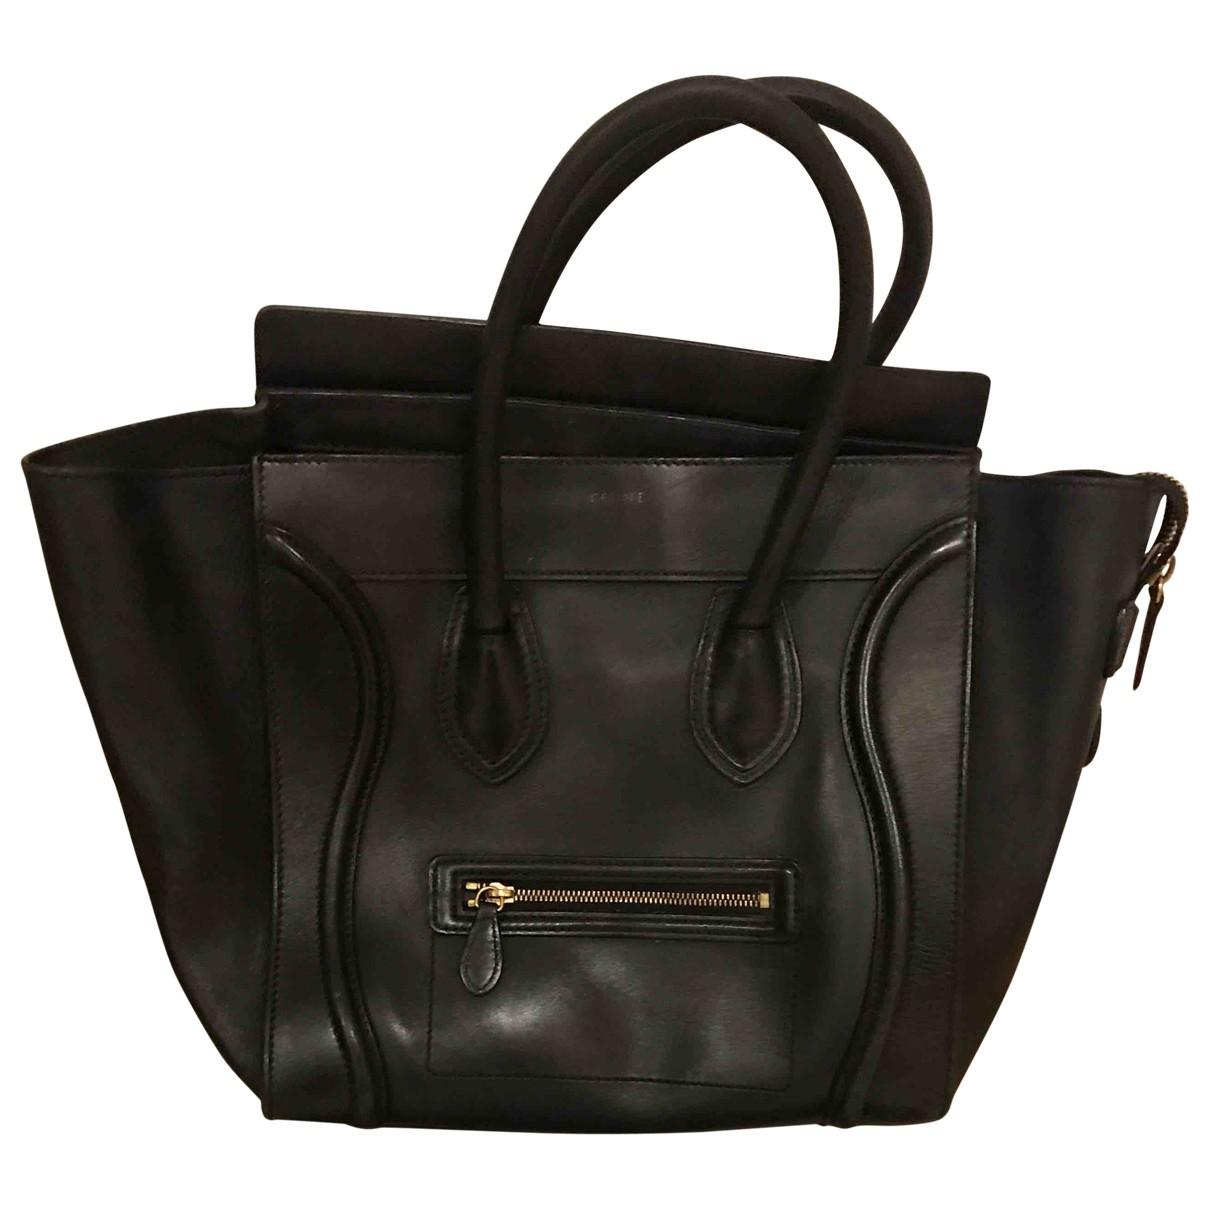 Celine - Sac a main Luggage pour femme en cuir - noir